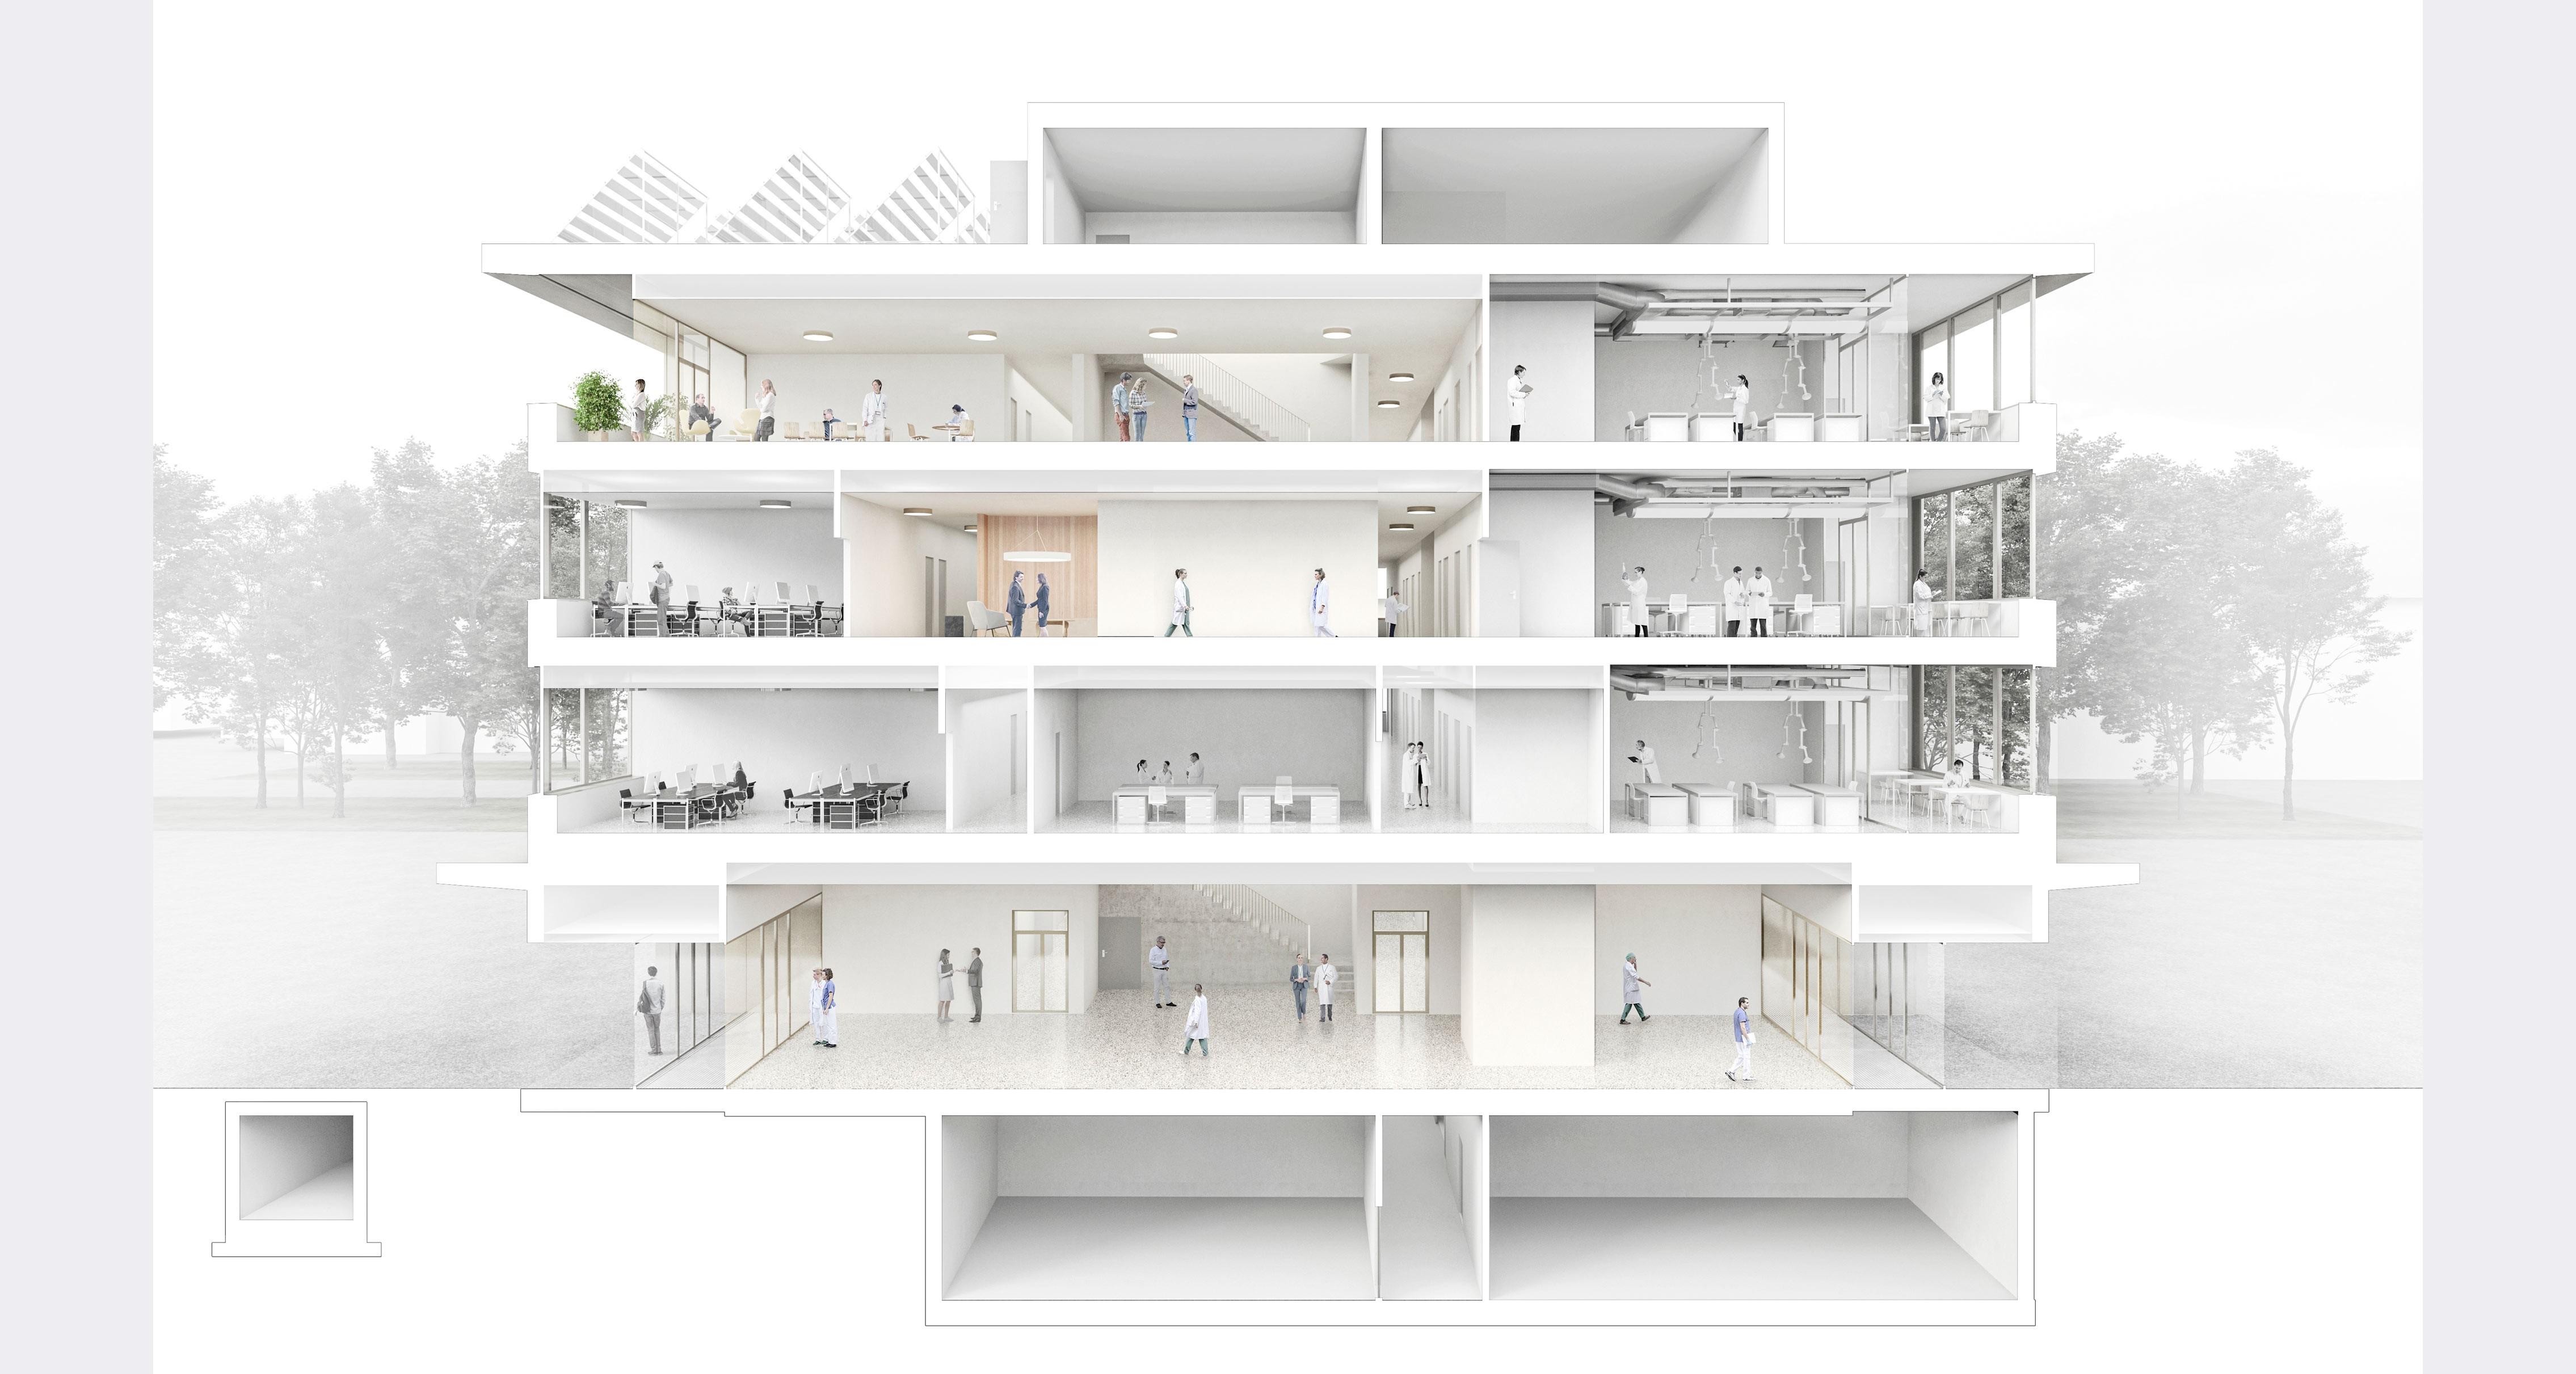 Neues Laborgebäude der Empa